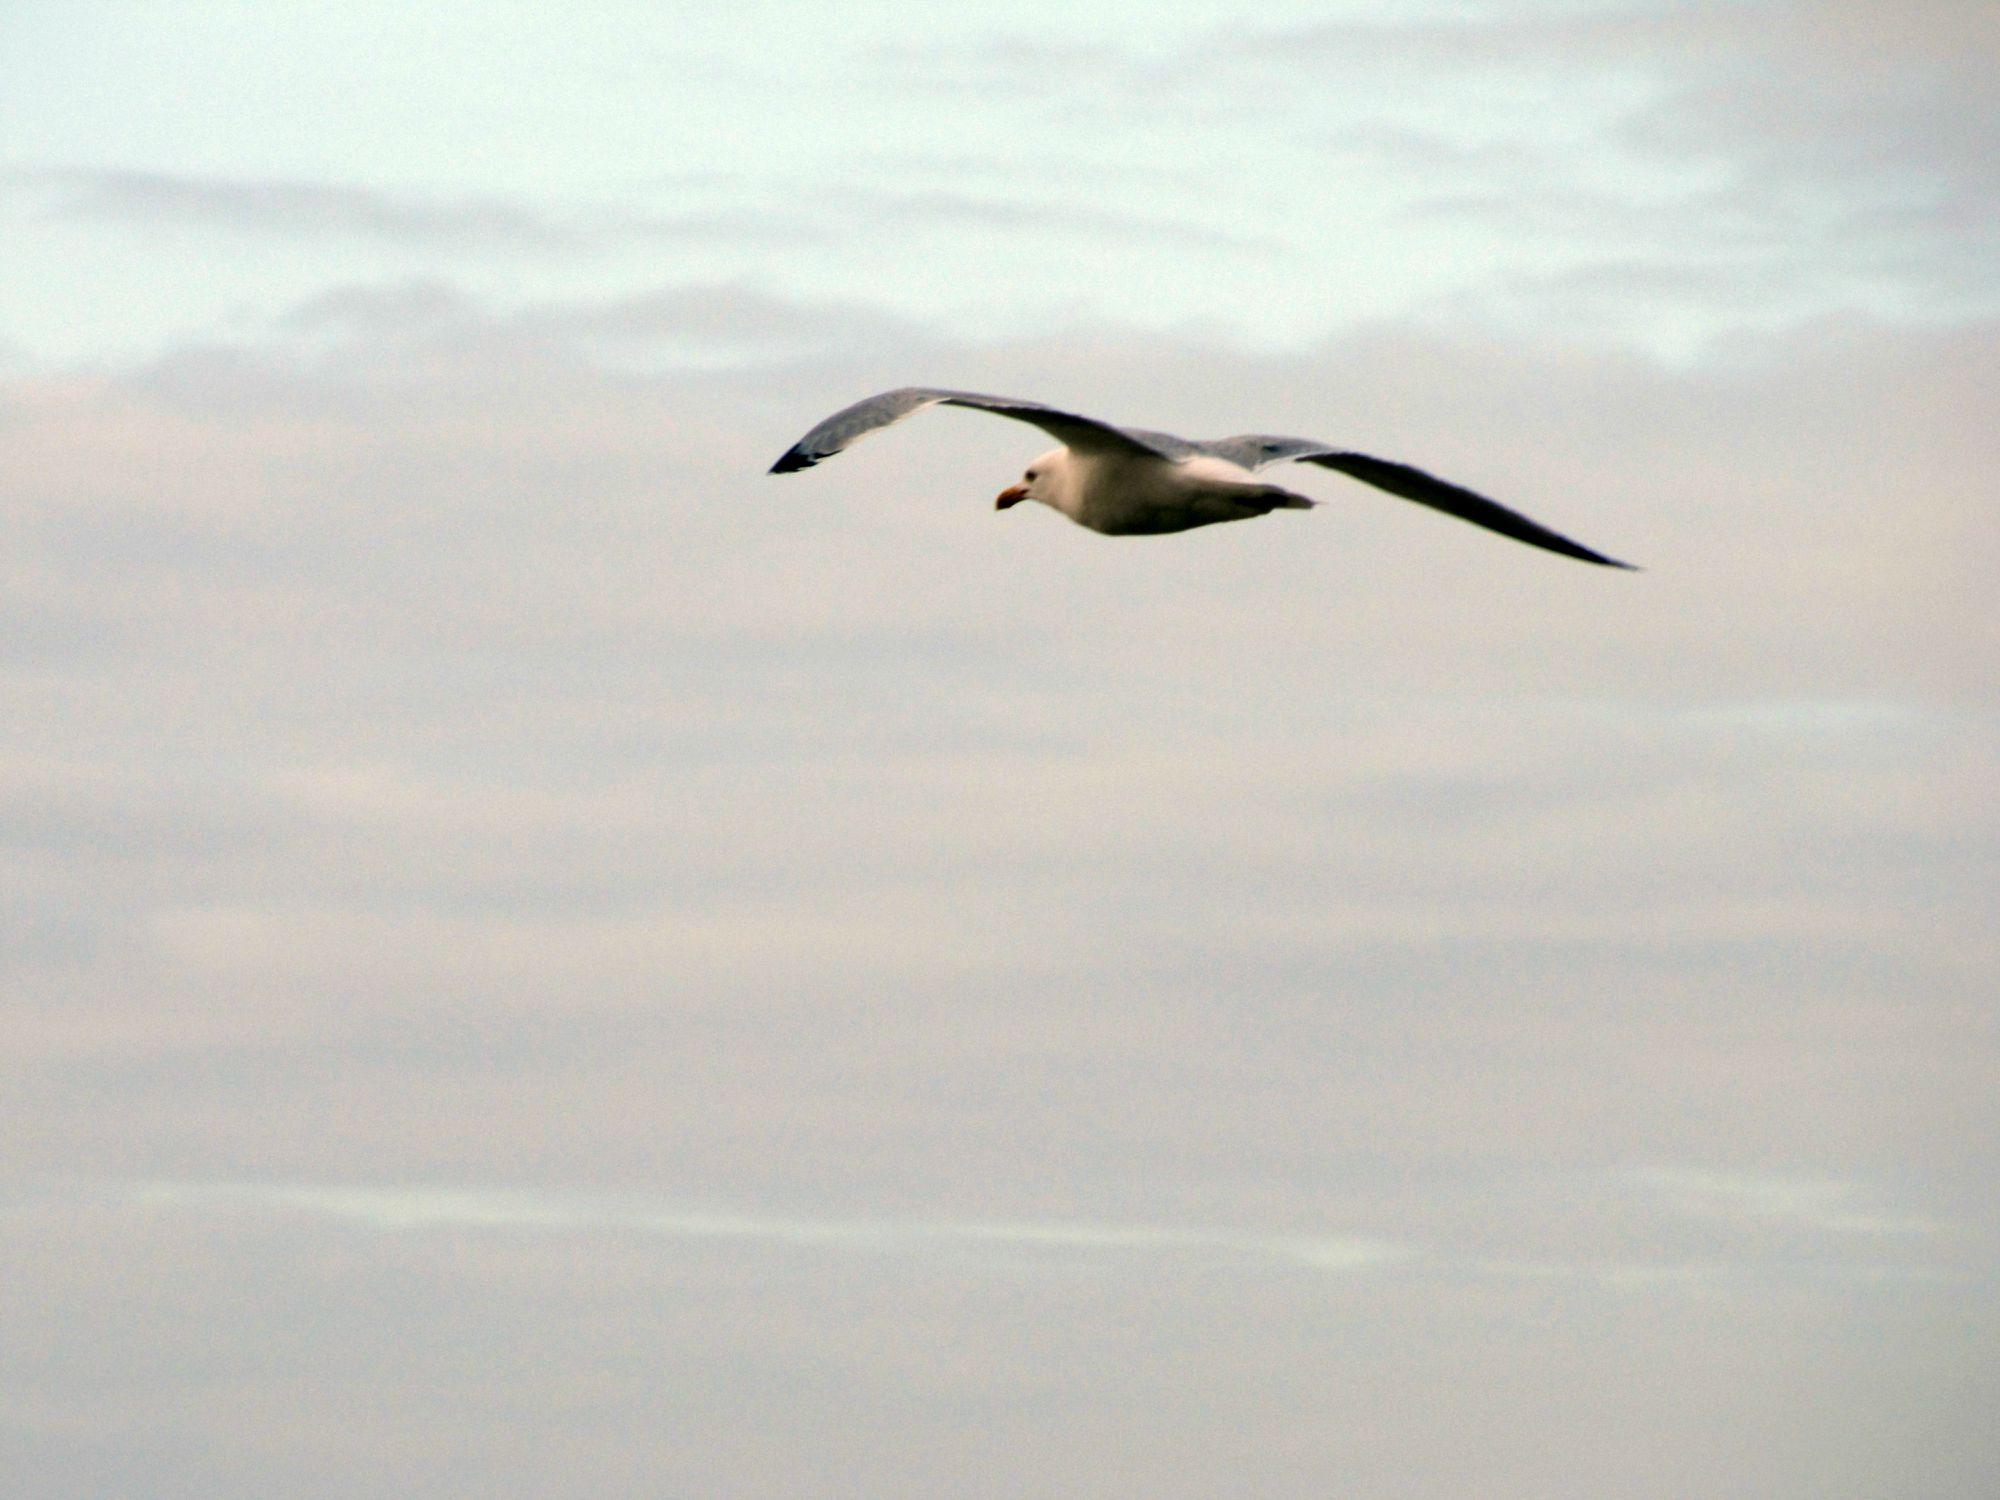 Oiseaux ile de re foto Mo2 (54)-h1500